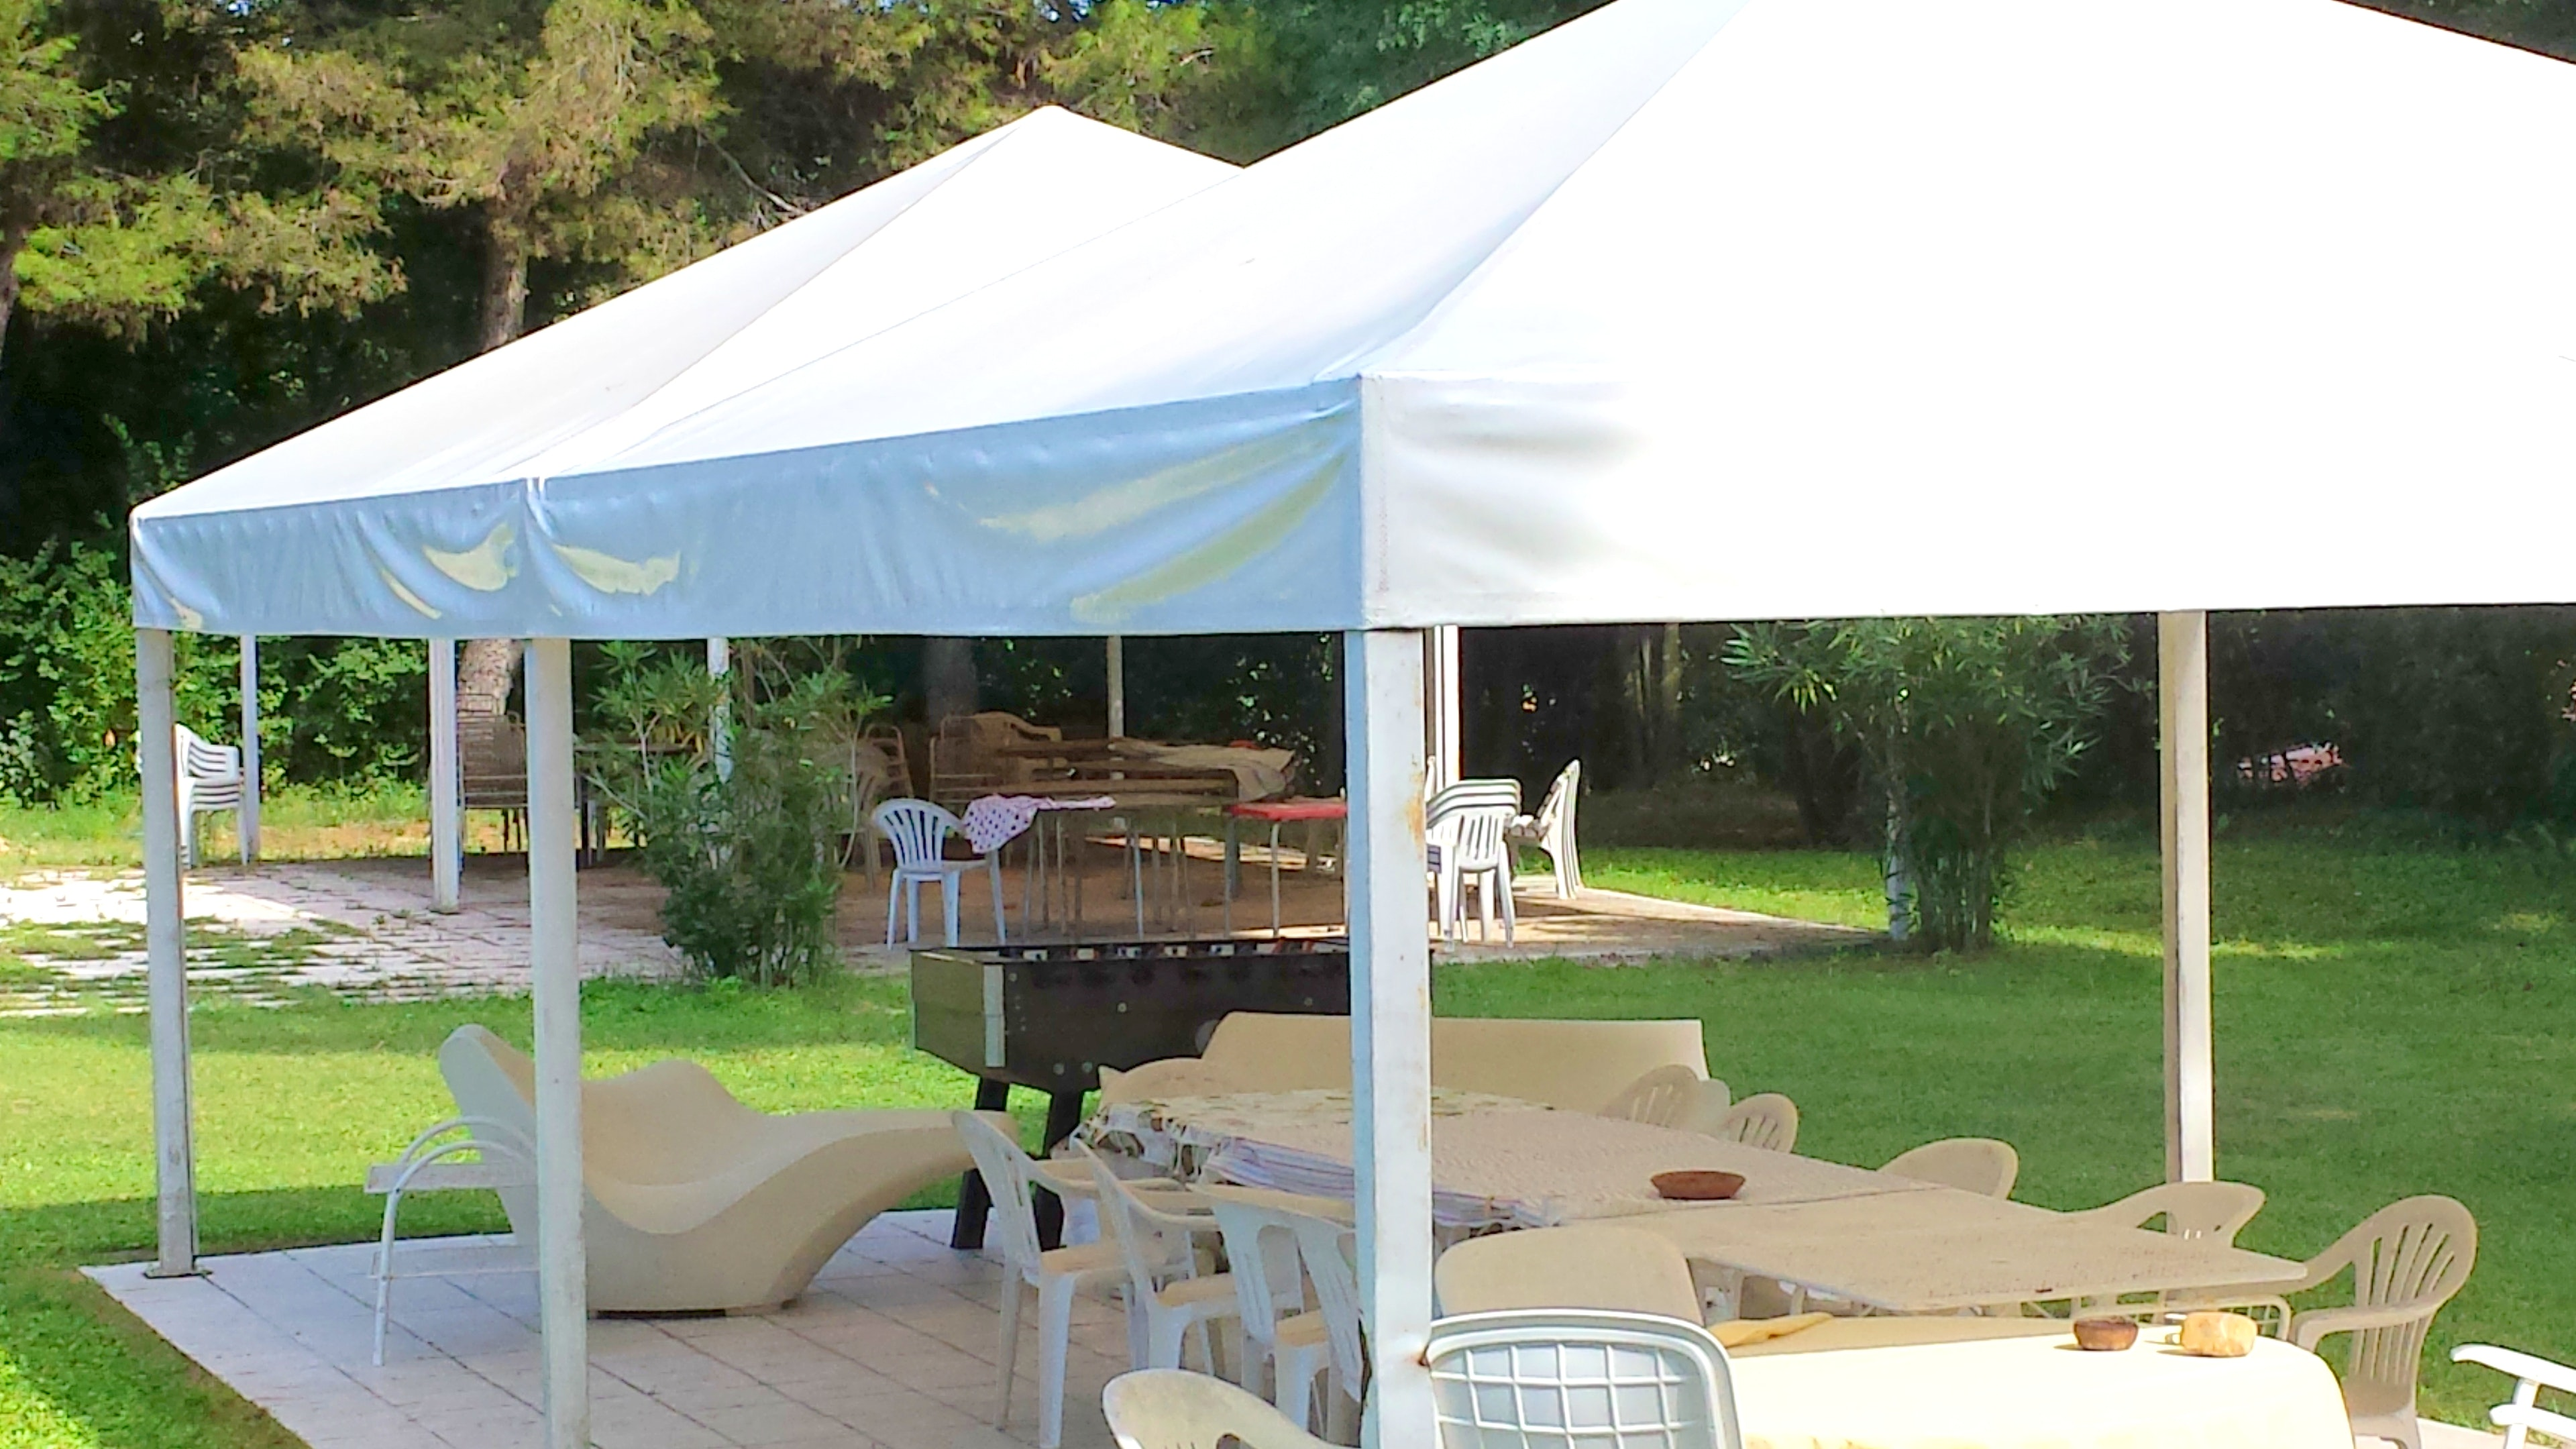 Ferienwohnung Wohnung mit 3 Schlafzimmern in Pesaro mit Pool, eingezäuntem Garten und W-LAN - 4 km vom S (2339355), Pesaro, Pesaro und Urbino, Marken, Italien, Bild 4